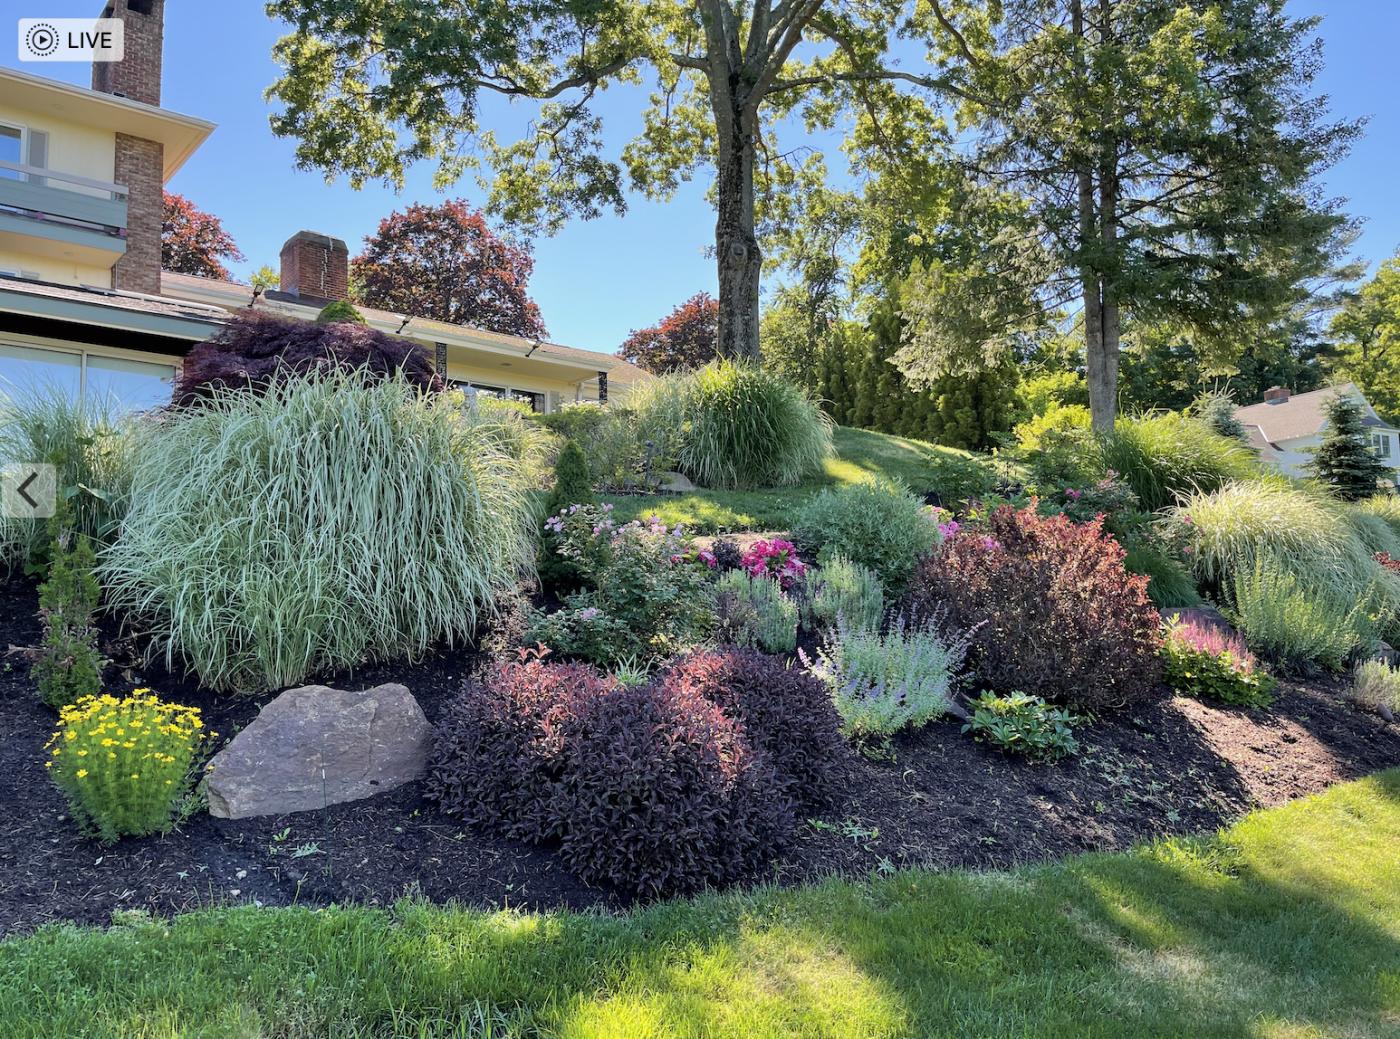 草是自己家的绿,花是自己家的香_图1-8